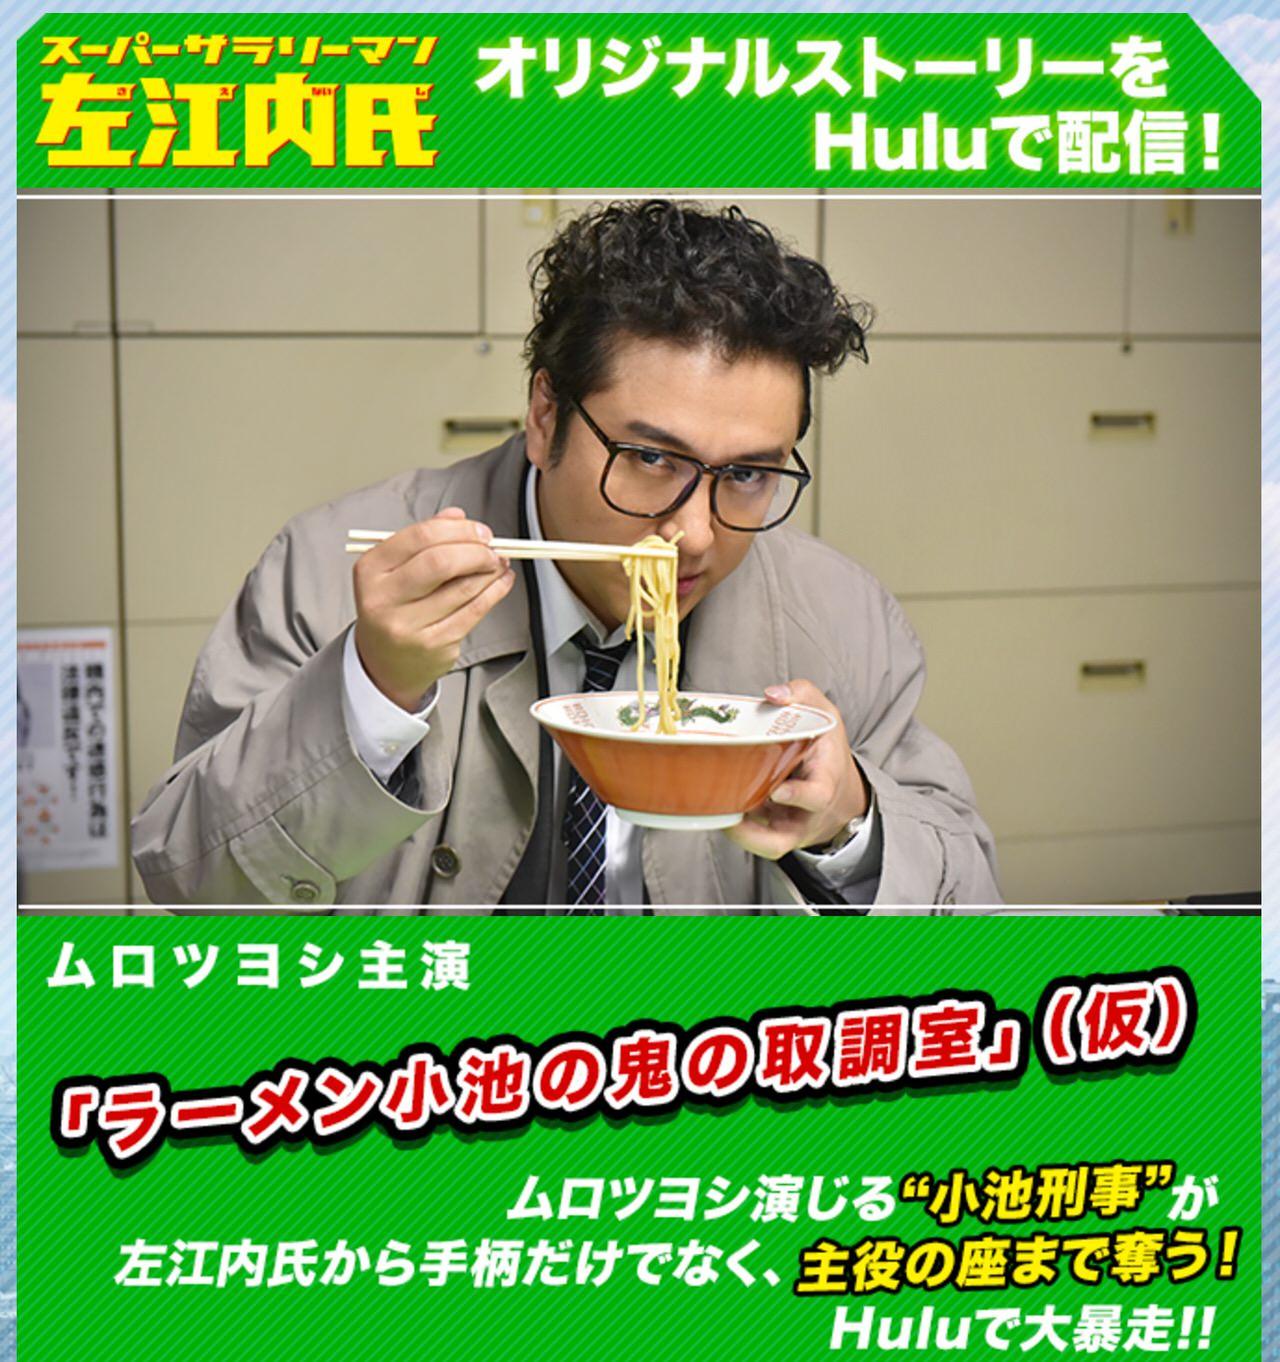 ラーメン大好き小池さん・ムロツヨシ主演の「スーパーサラリーマン左江内氏」スピンアウトドラマがHuluで配信へ